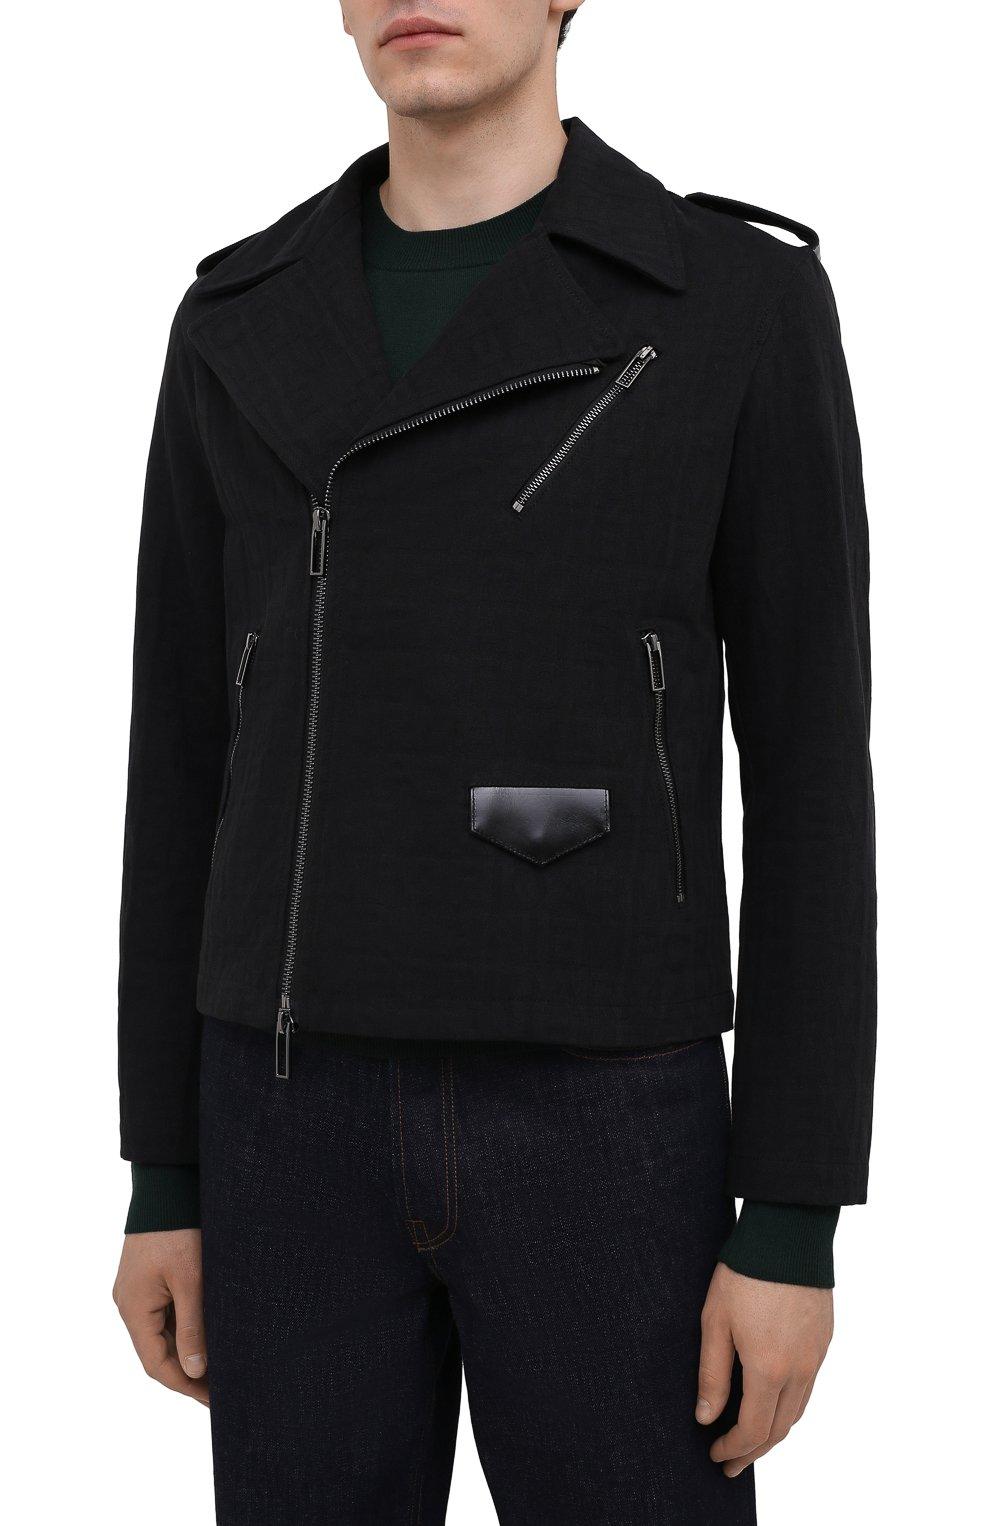 Мужская хлопковая куртка EMPORIO ARMANI черного цвета, арт. 6K1B65/1DE9Z   Фото 3 (Кросс-КТ: Куртка, Ветровка; Рукава: Длинные; Материал внешний: Хлопок; Материал подклада: Синтетический материал; Длина (верхняя одежда): Короткие; Стили: Кэжуэл)